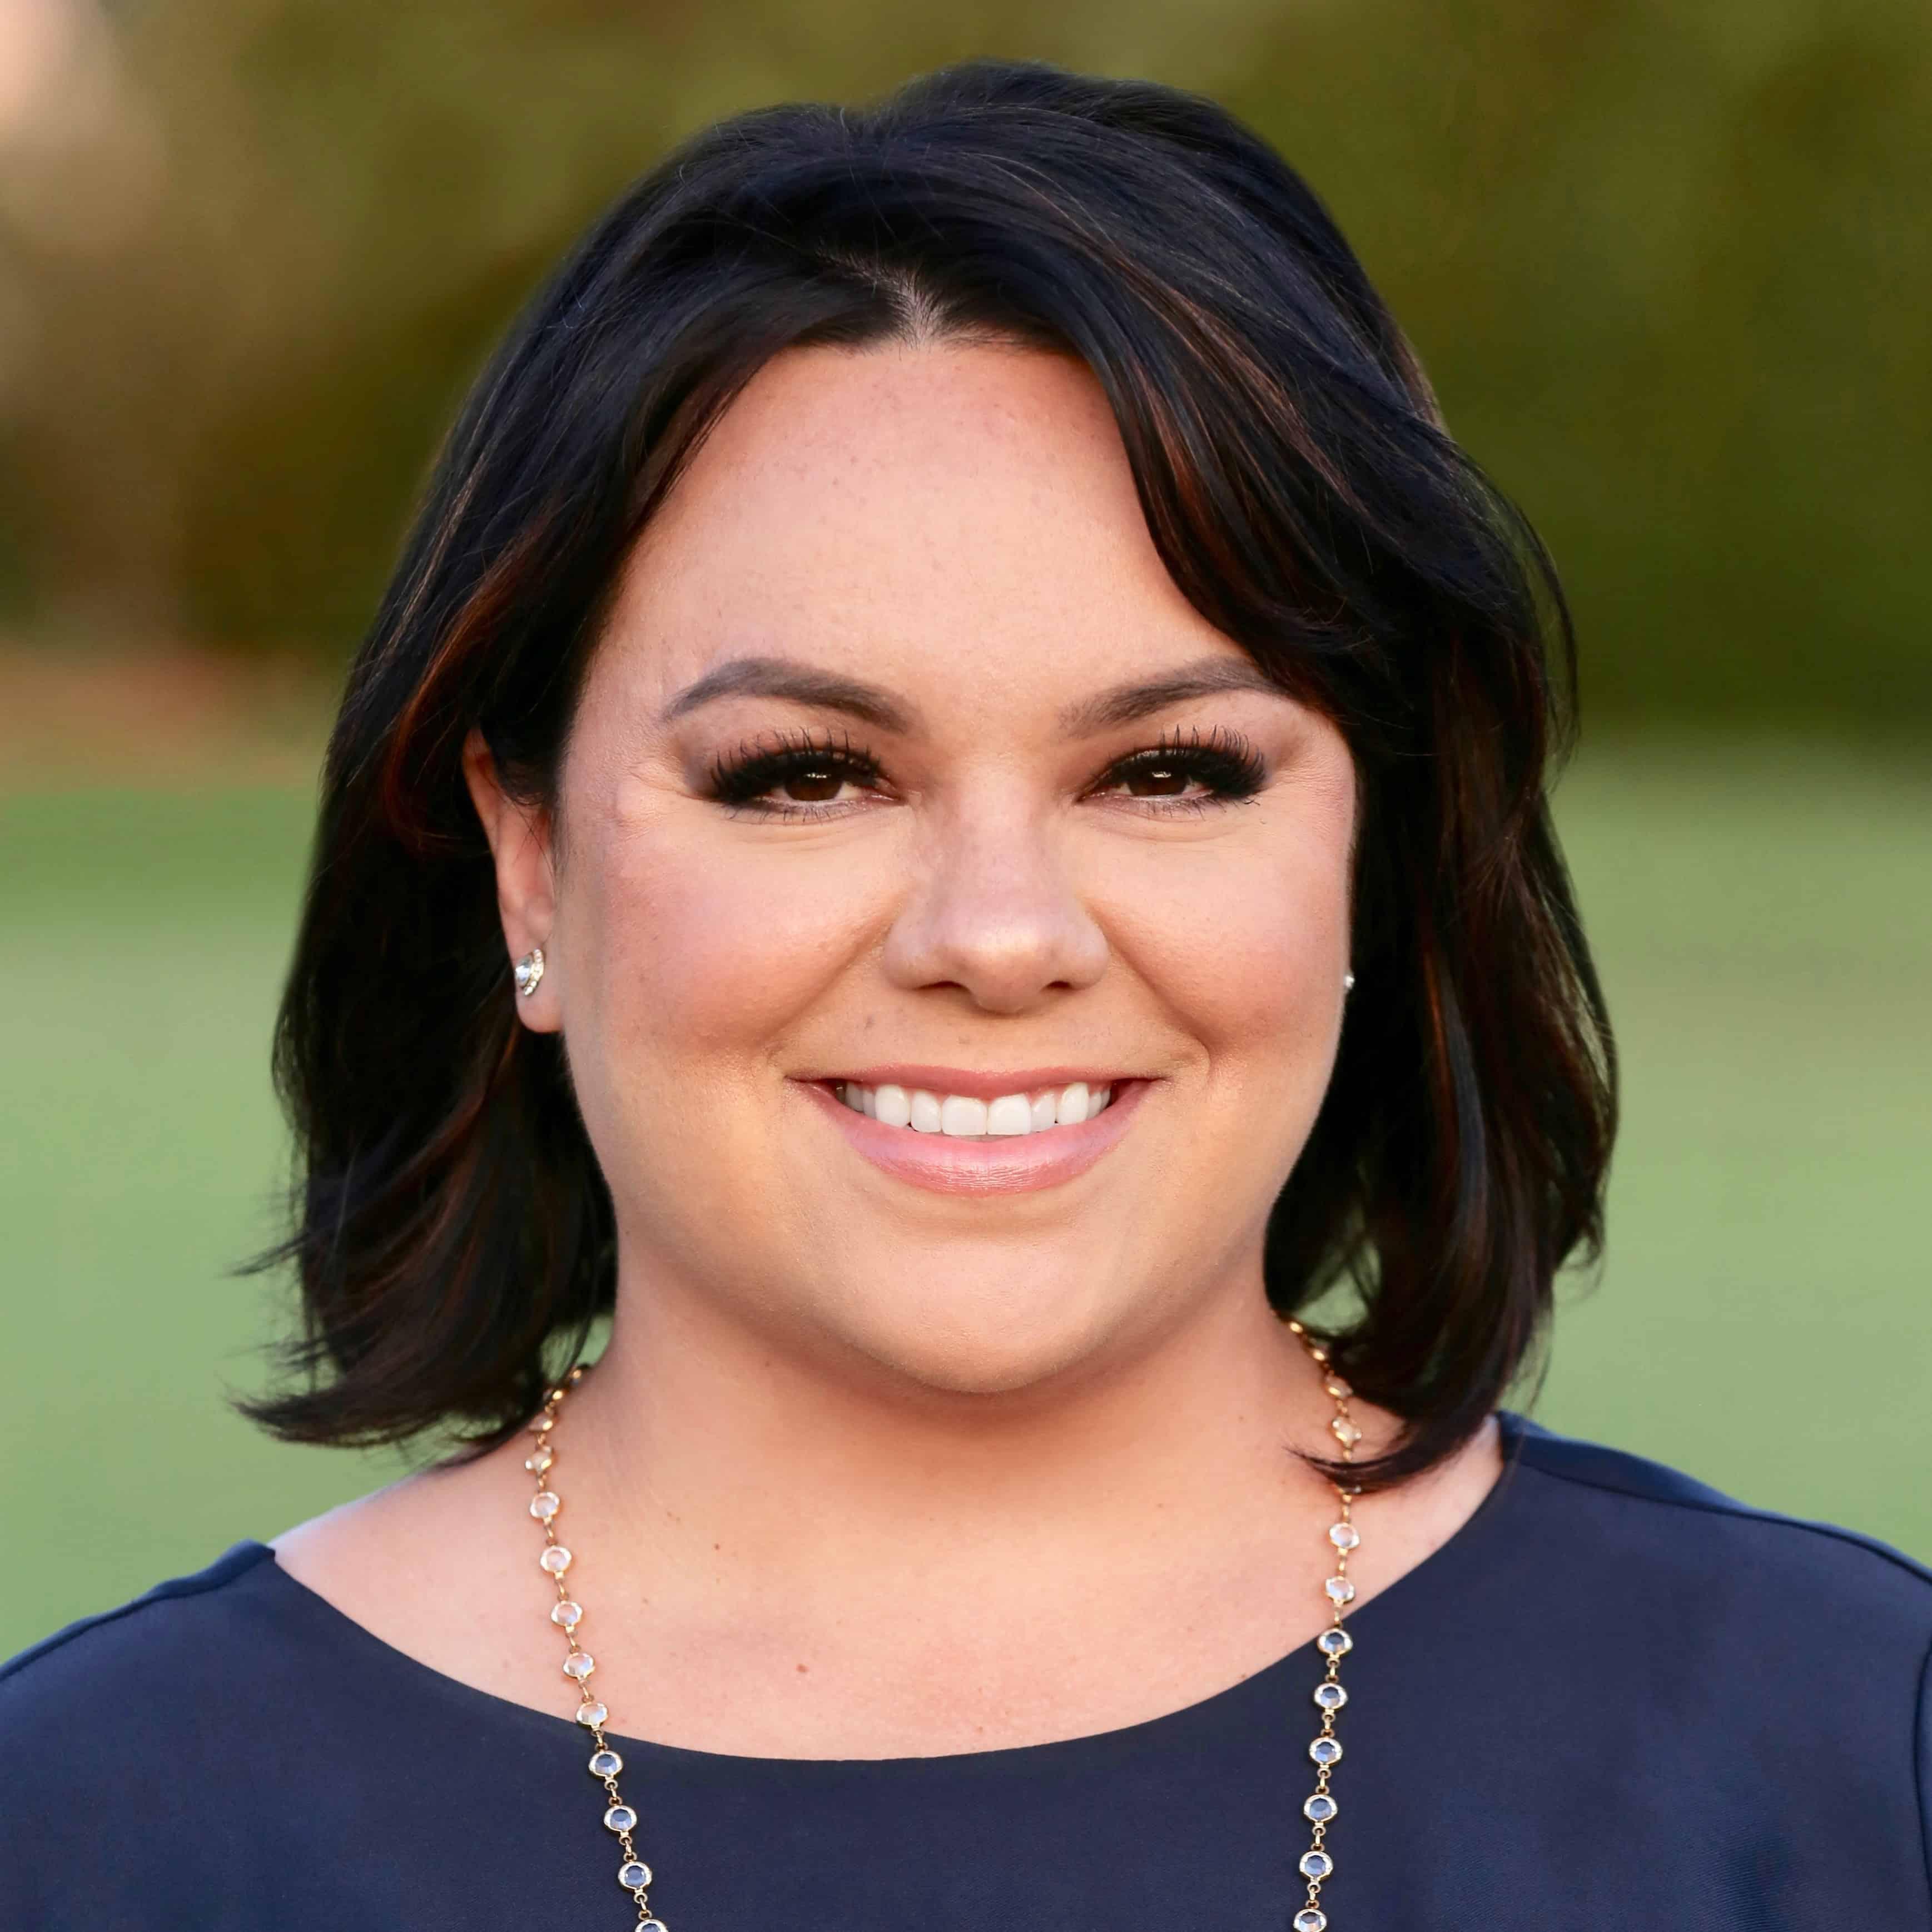 Claudia Bergstrom